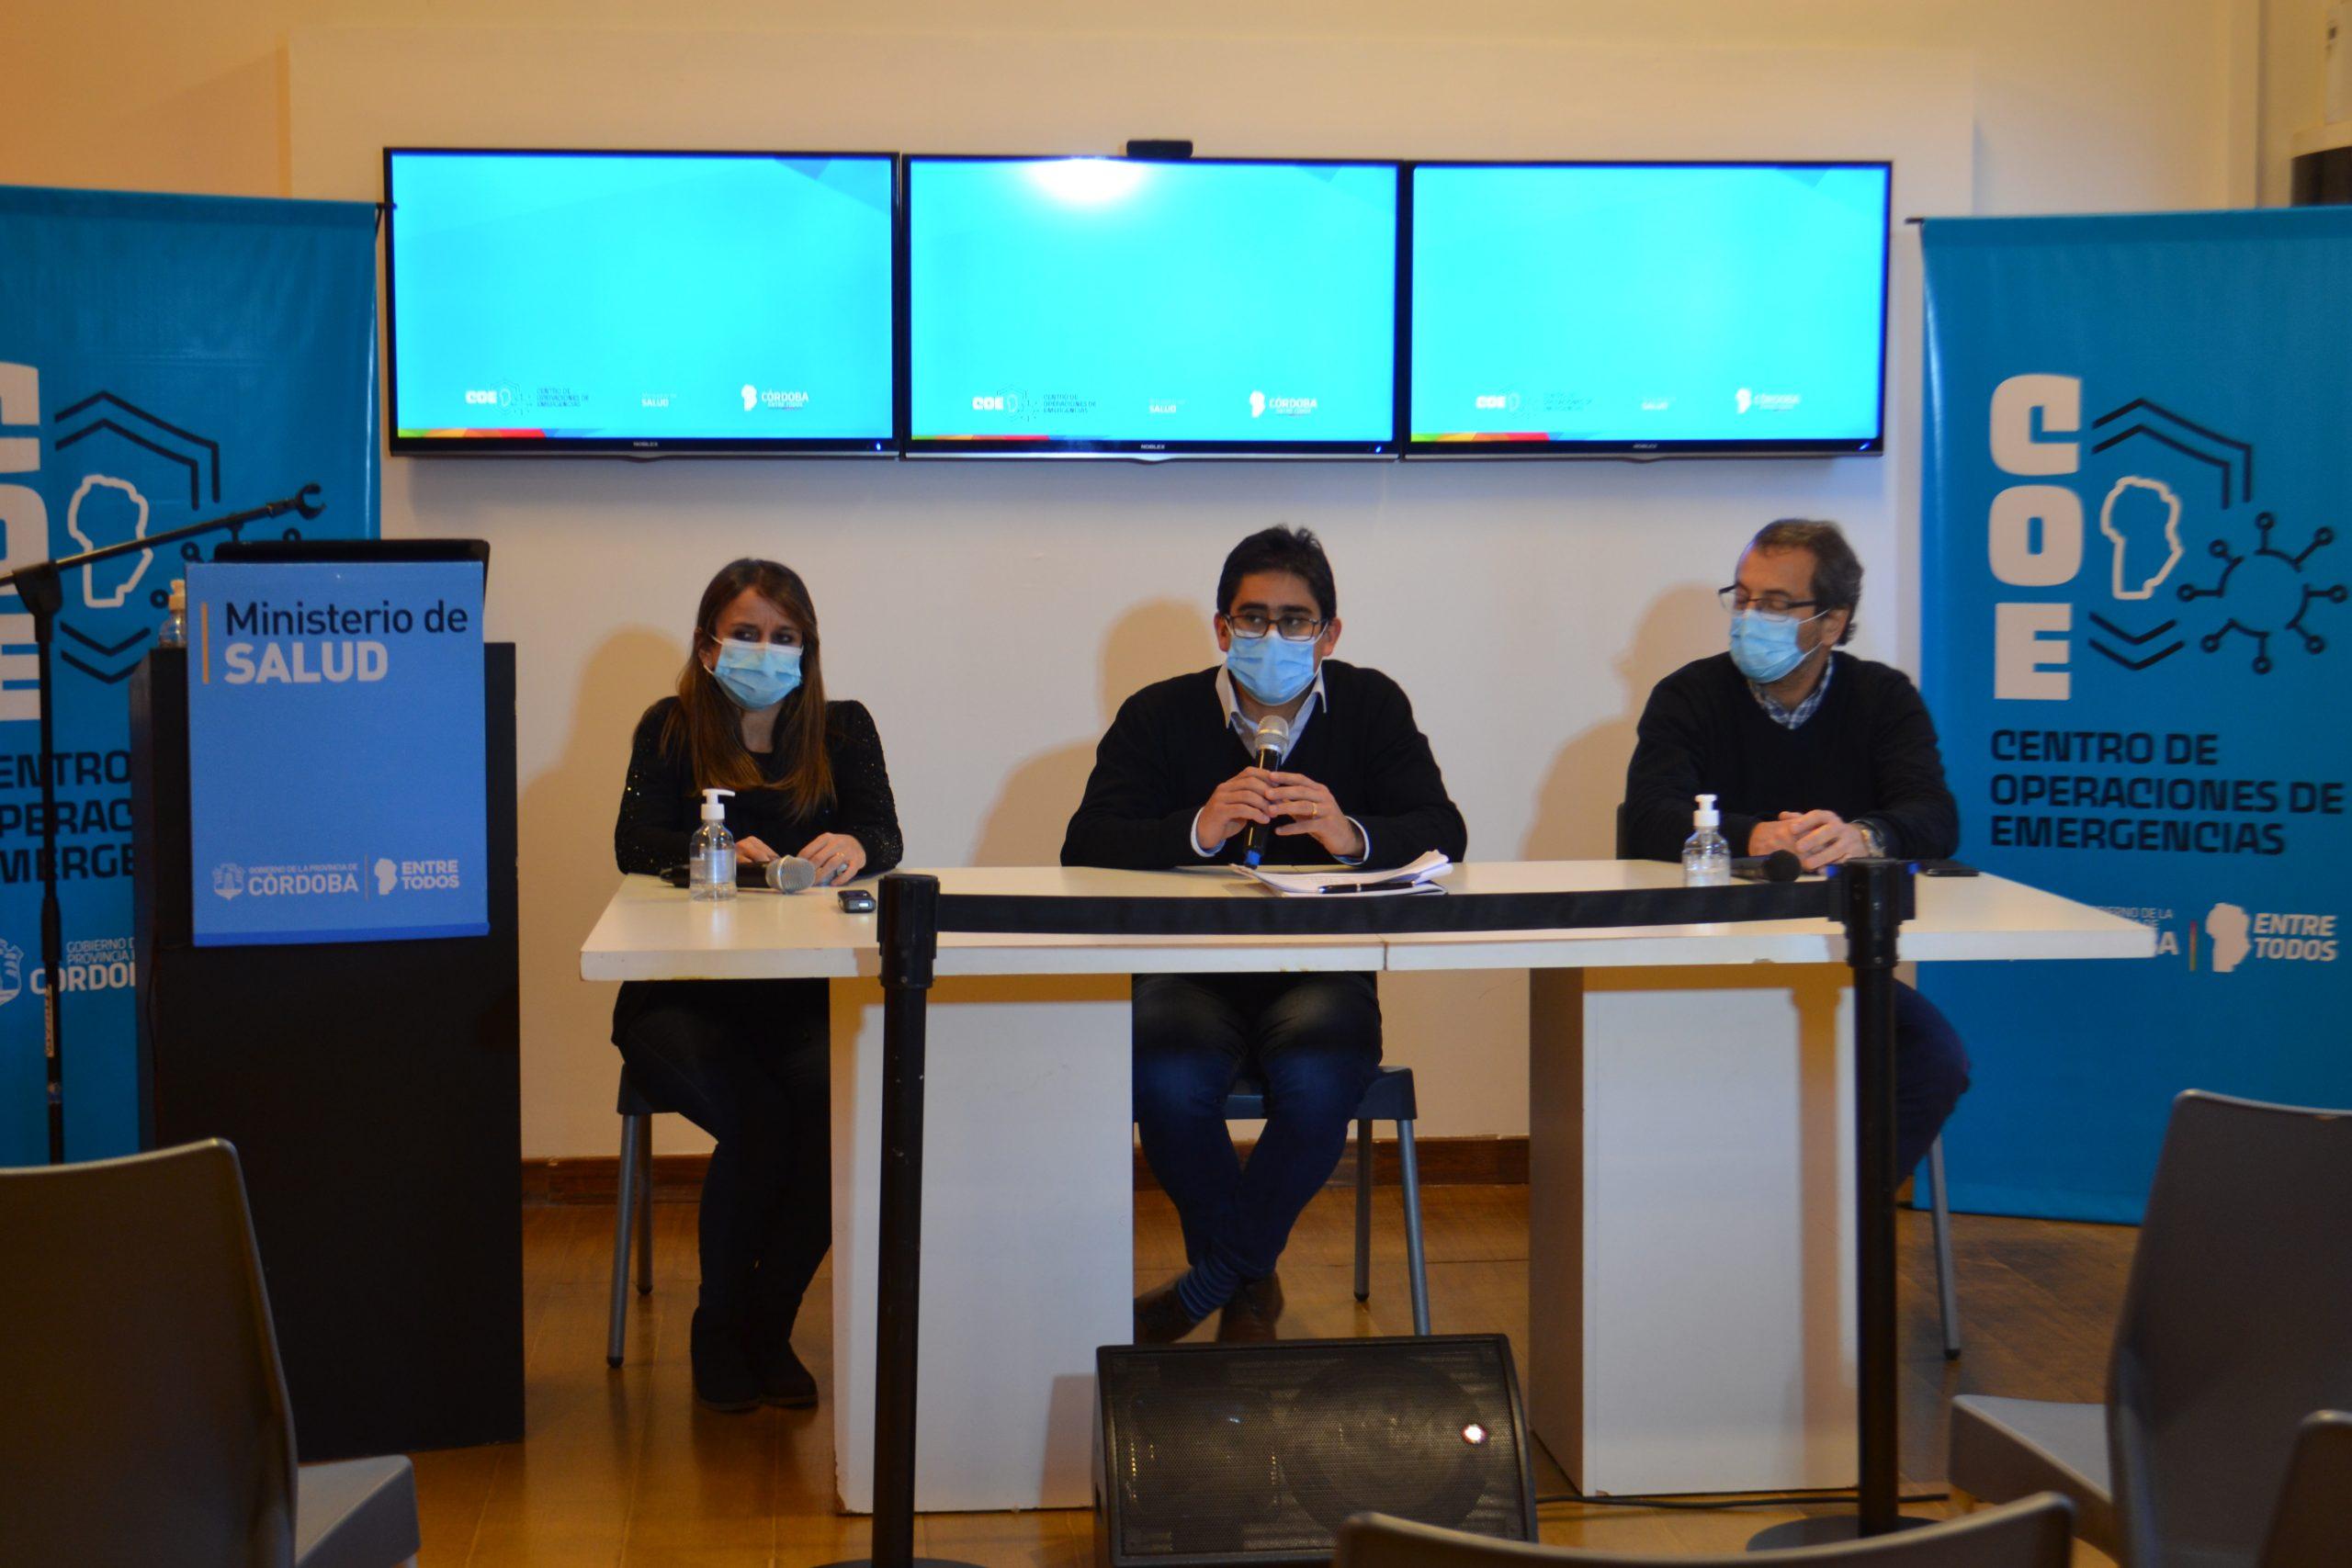 Cardozo presentó el informe sobre la situación epidemiológica